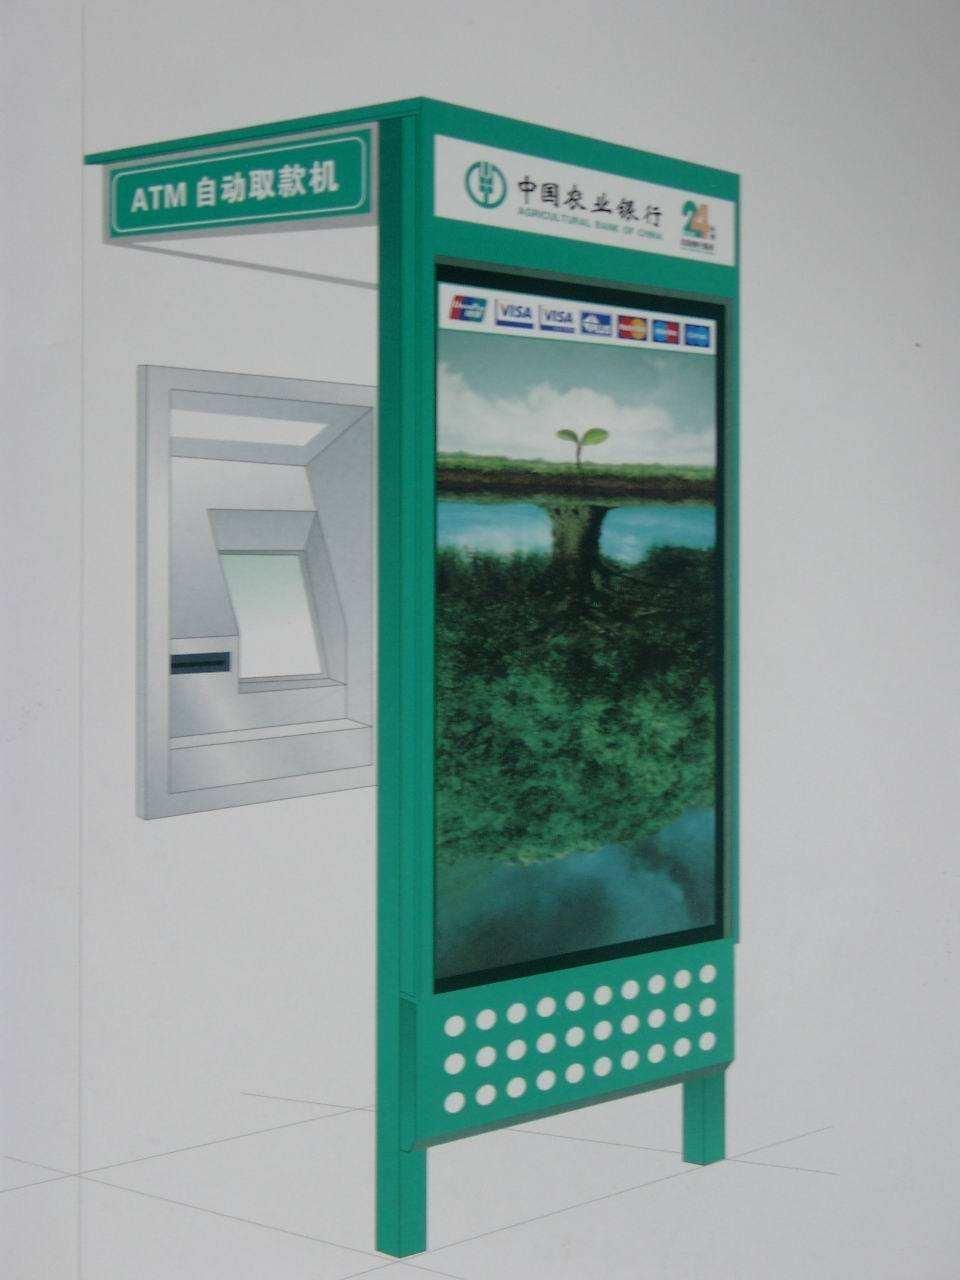 房山ATM防护罩库存充足